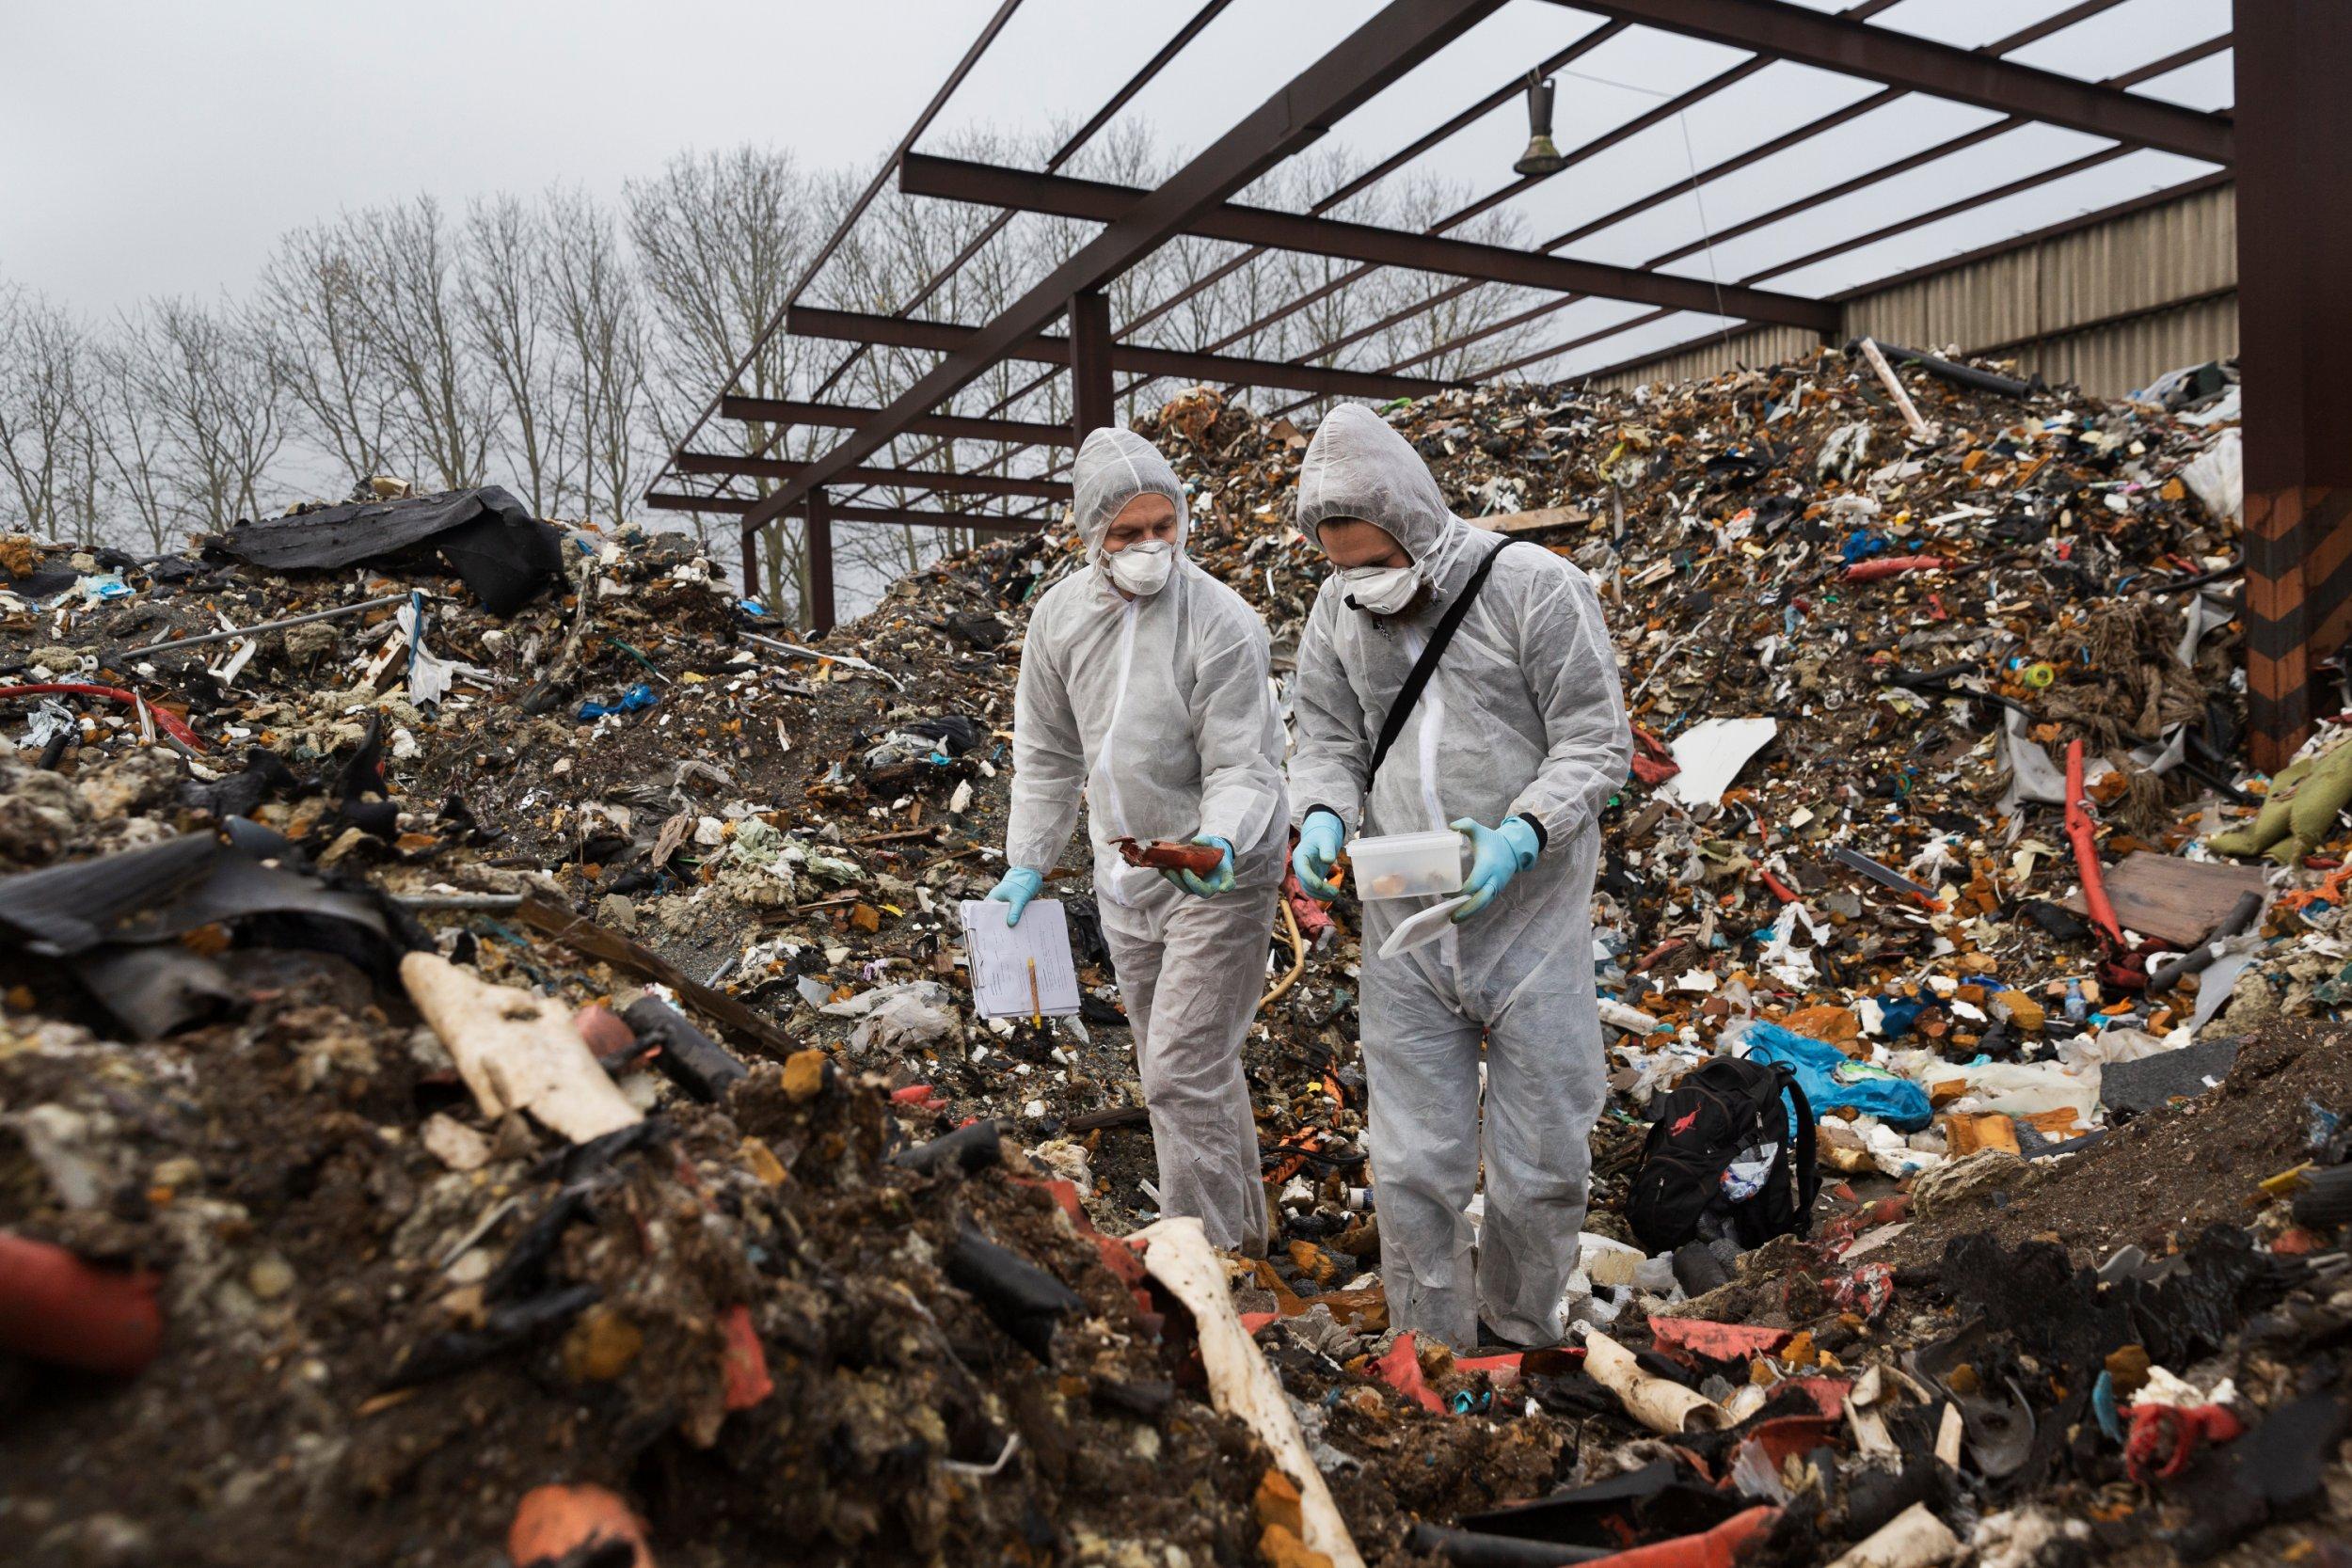 <p>GESICHERT Mit Schutzanzug und Maske sammeln die Reporter Abfälle</p>